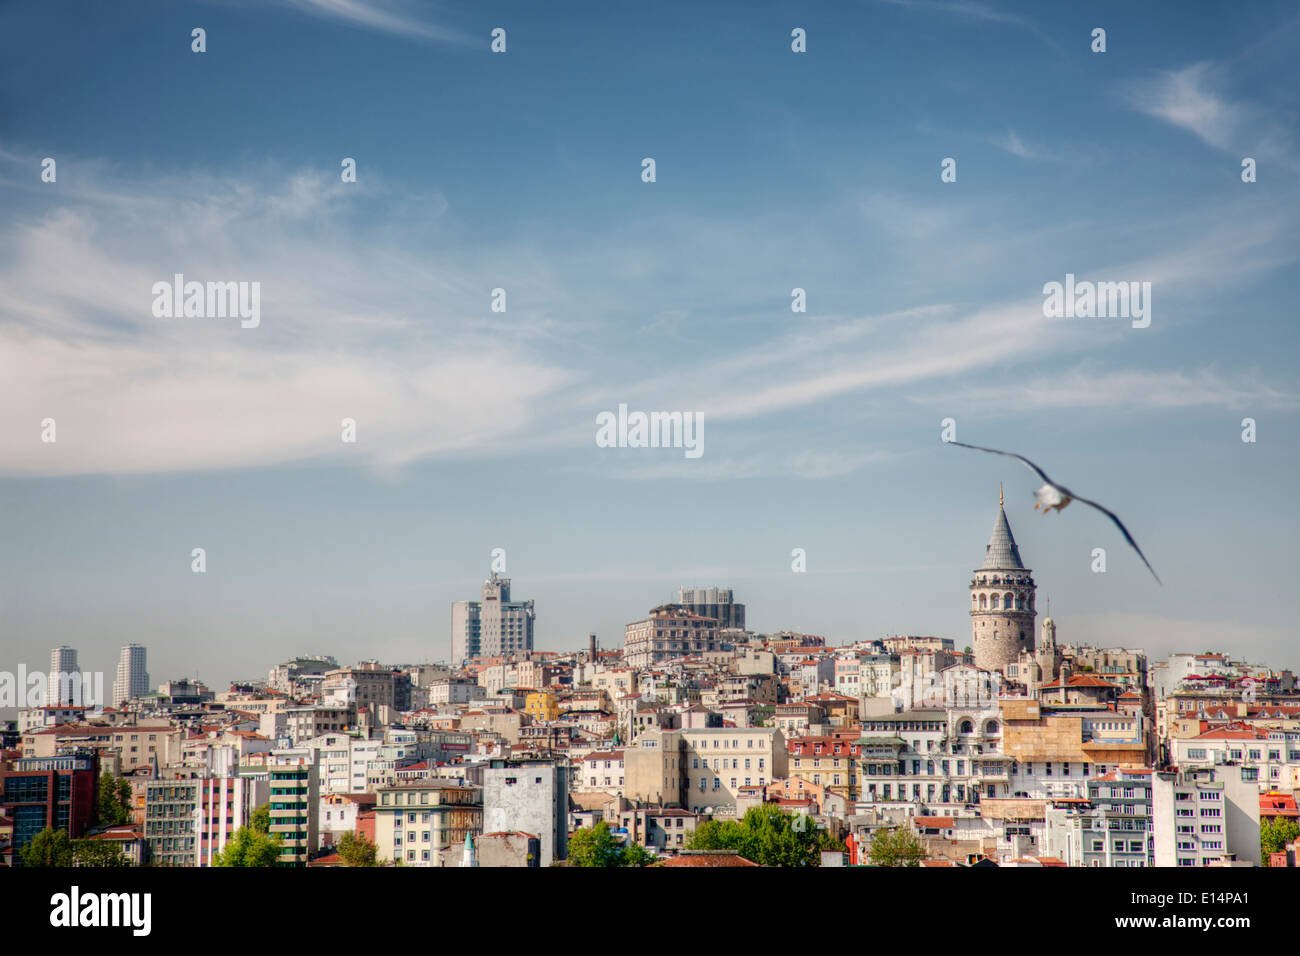 El horizonte de la ciudad de Estambul, Turquía bajo un cielo azul Imagen De Stock